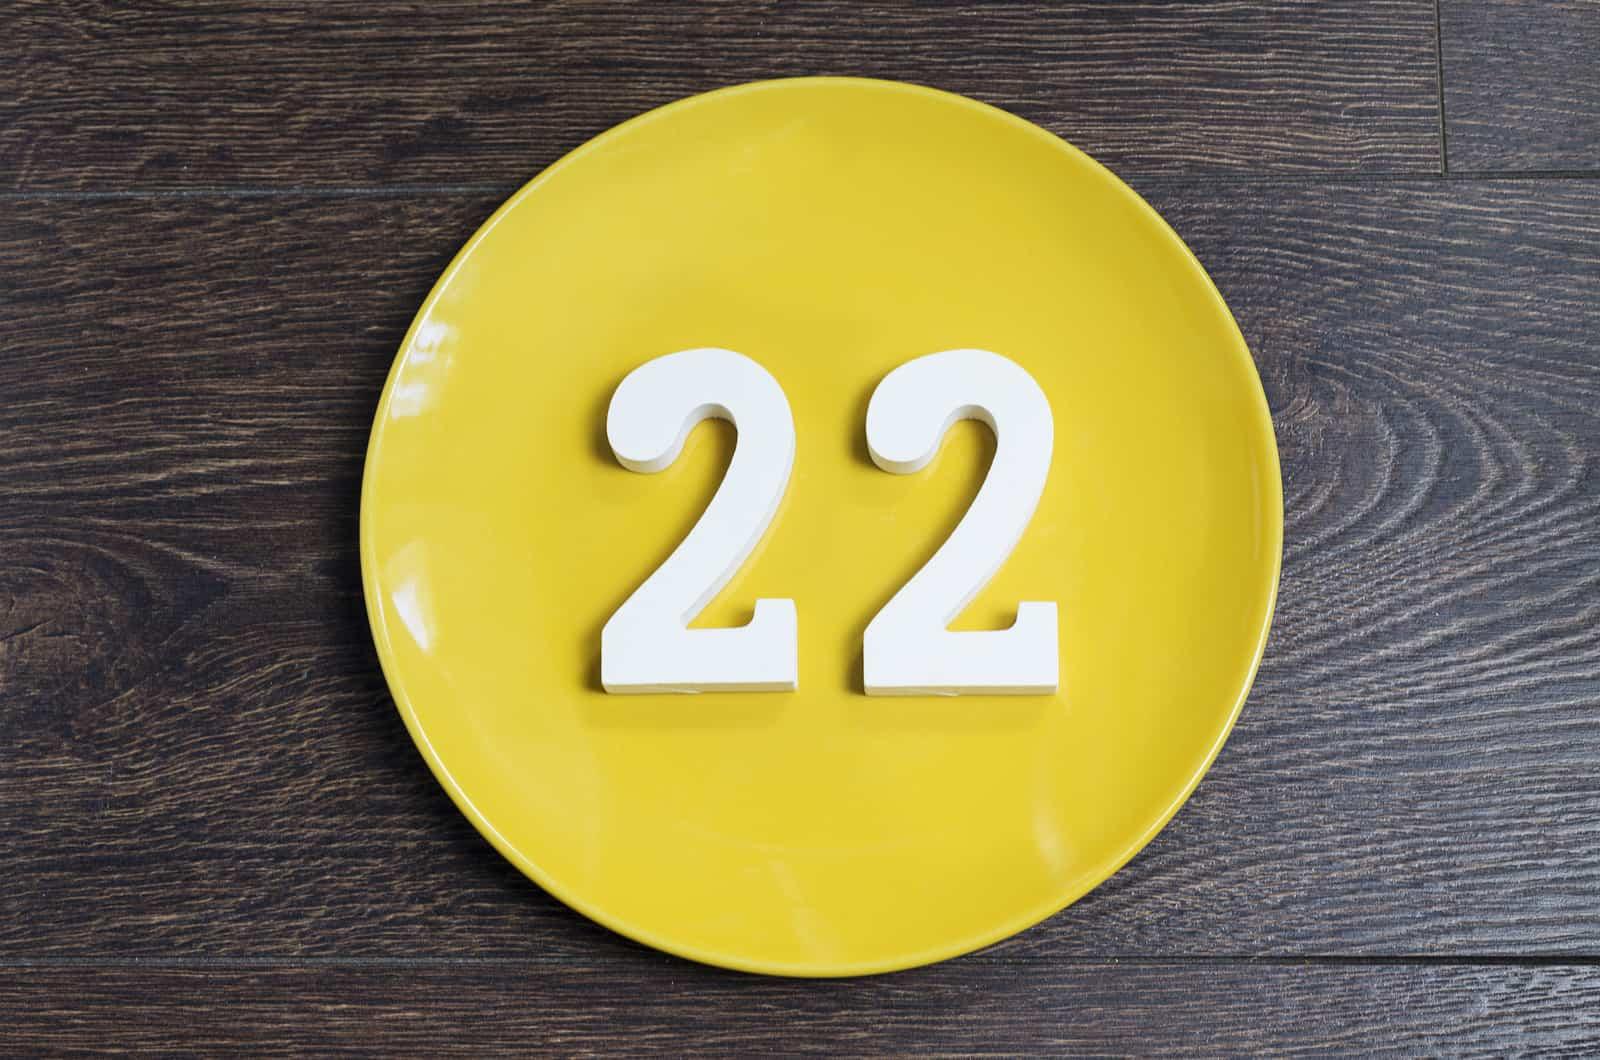 Lebenszahl 22